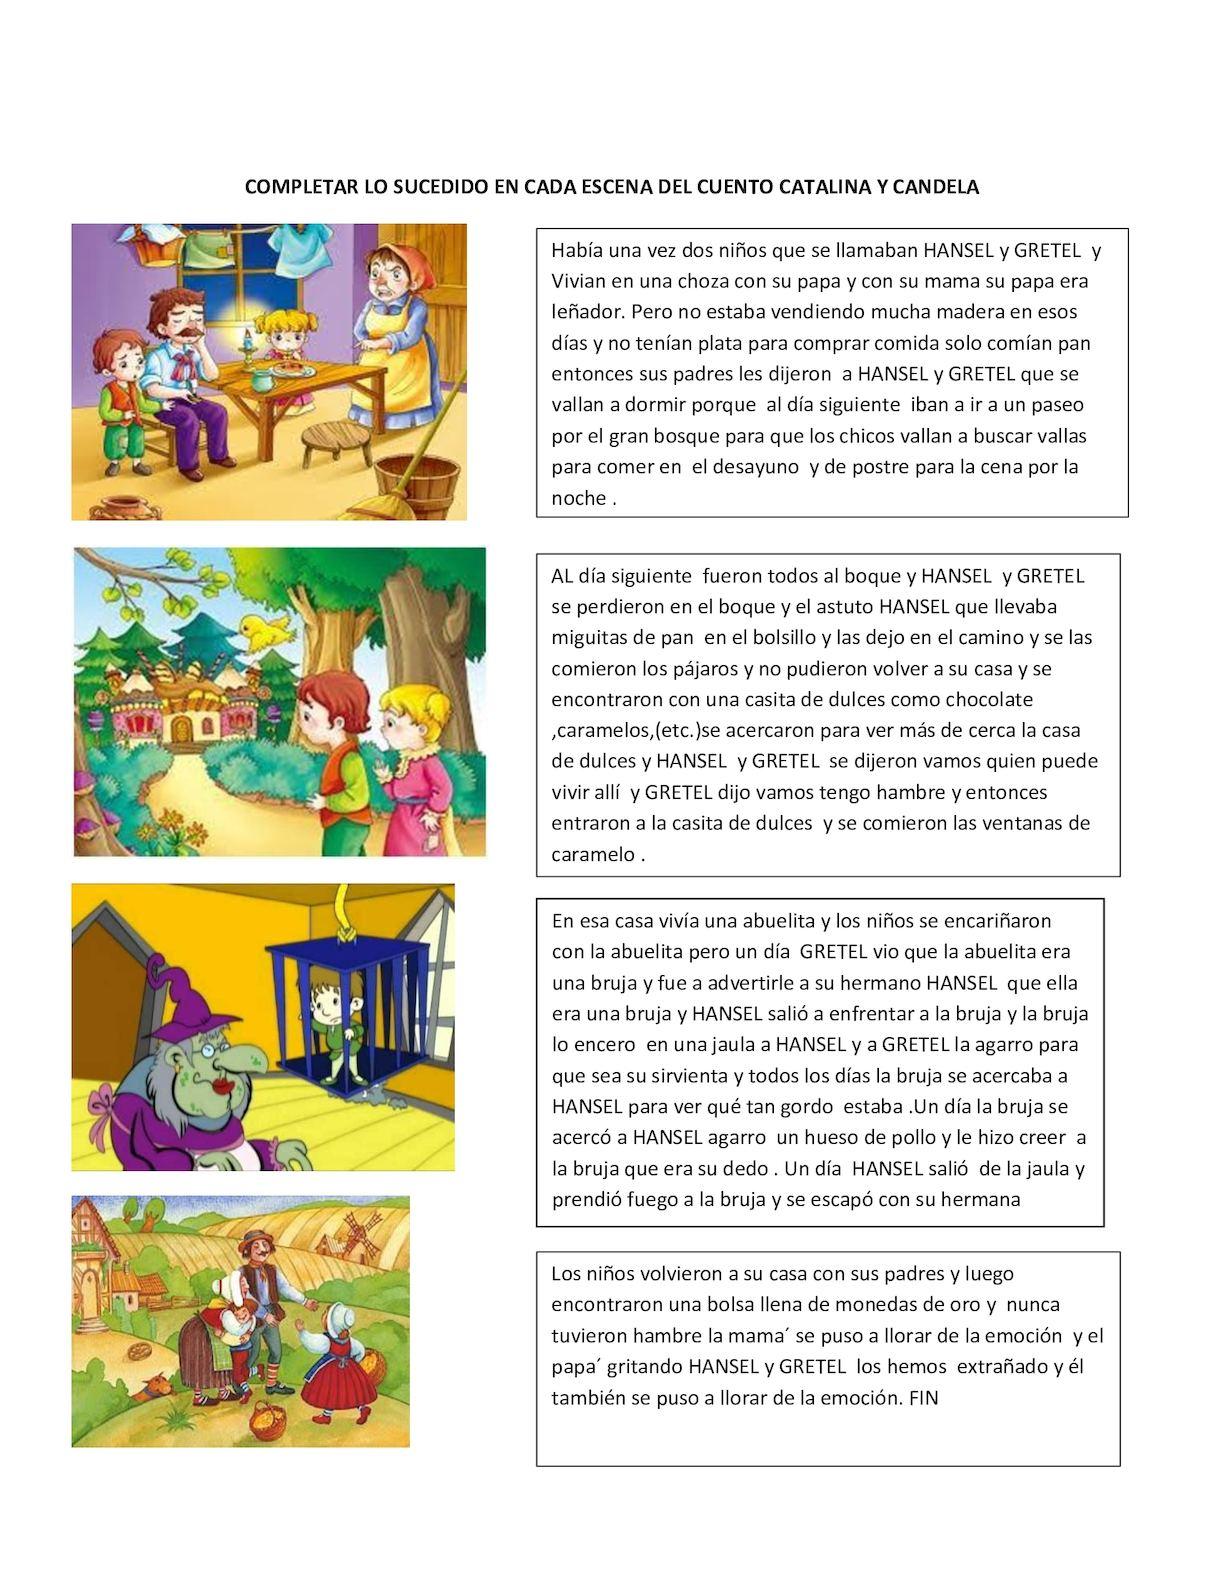 hansel y gretel cuento completo pdf